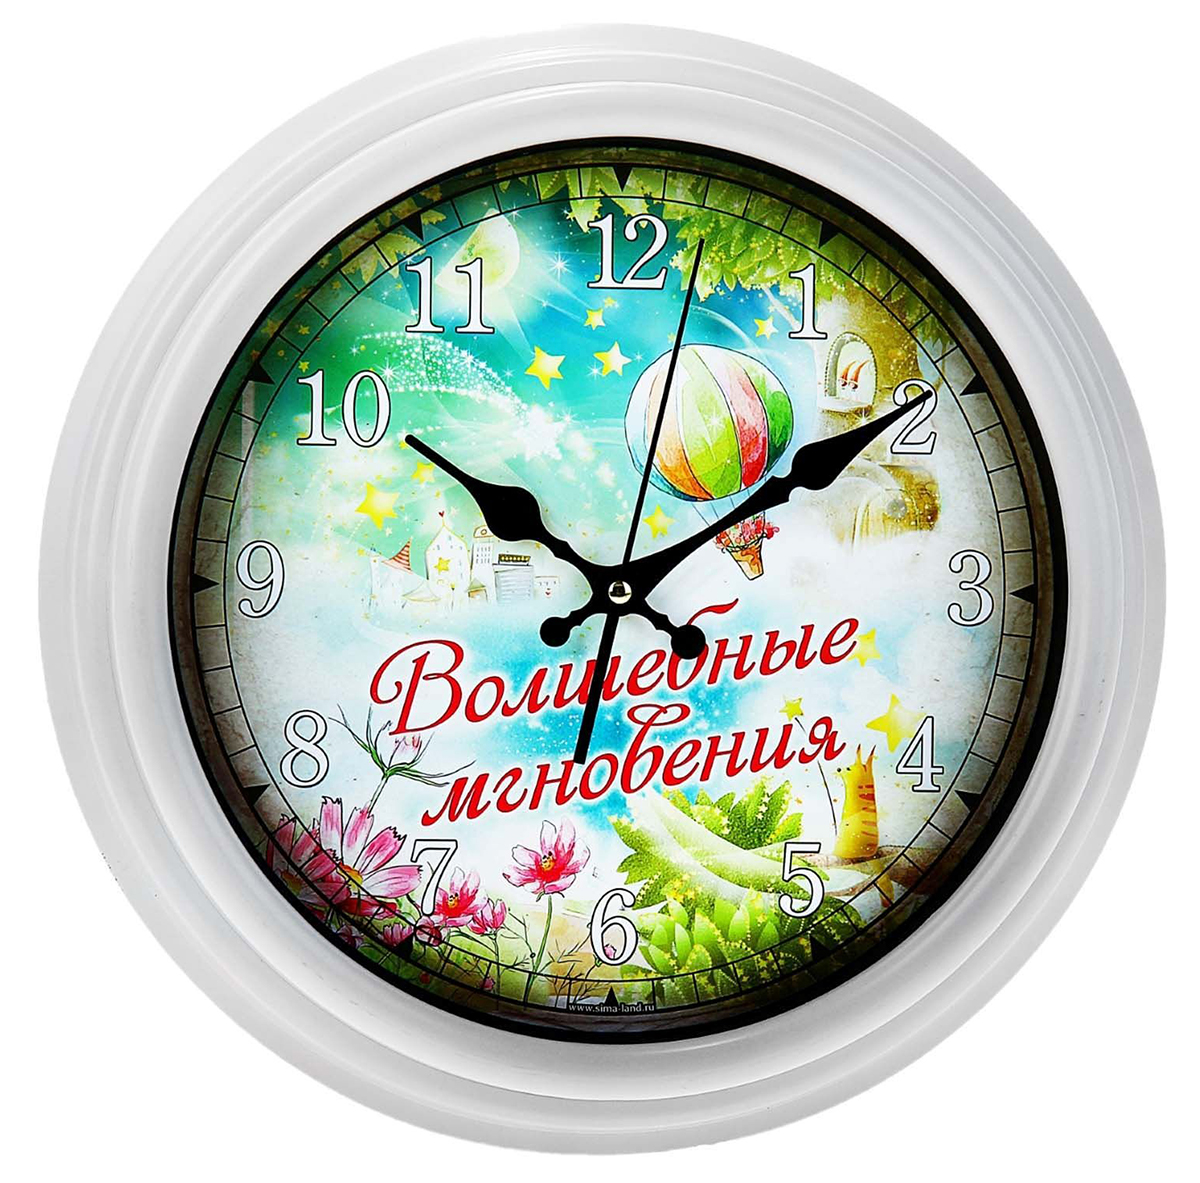 """Часы, кроме того что отслеживают время, являются наиболее популярным решением в создании домашнего уюта и задают определенный тон помещению. Часы интерьерные настенные """"Волшебные мгновения"""" сделают интерьер более насыщенным и выразительным. Подчеркнуть всю элегантность гостиной комнаты или же привнести немного нежности в спальню, – все это можно осуществить, просто повесив их на стену. Часы имеют диаметр 32 см и работают от батареек типа АА (в комплект не входят).Часы интерьерные настенные """"Волшебные мгновения"""", 28 см 150165"""